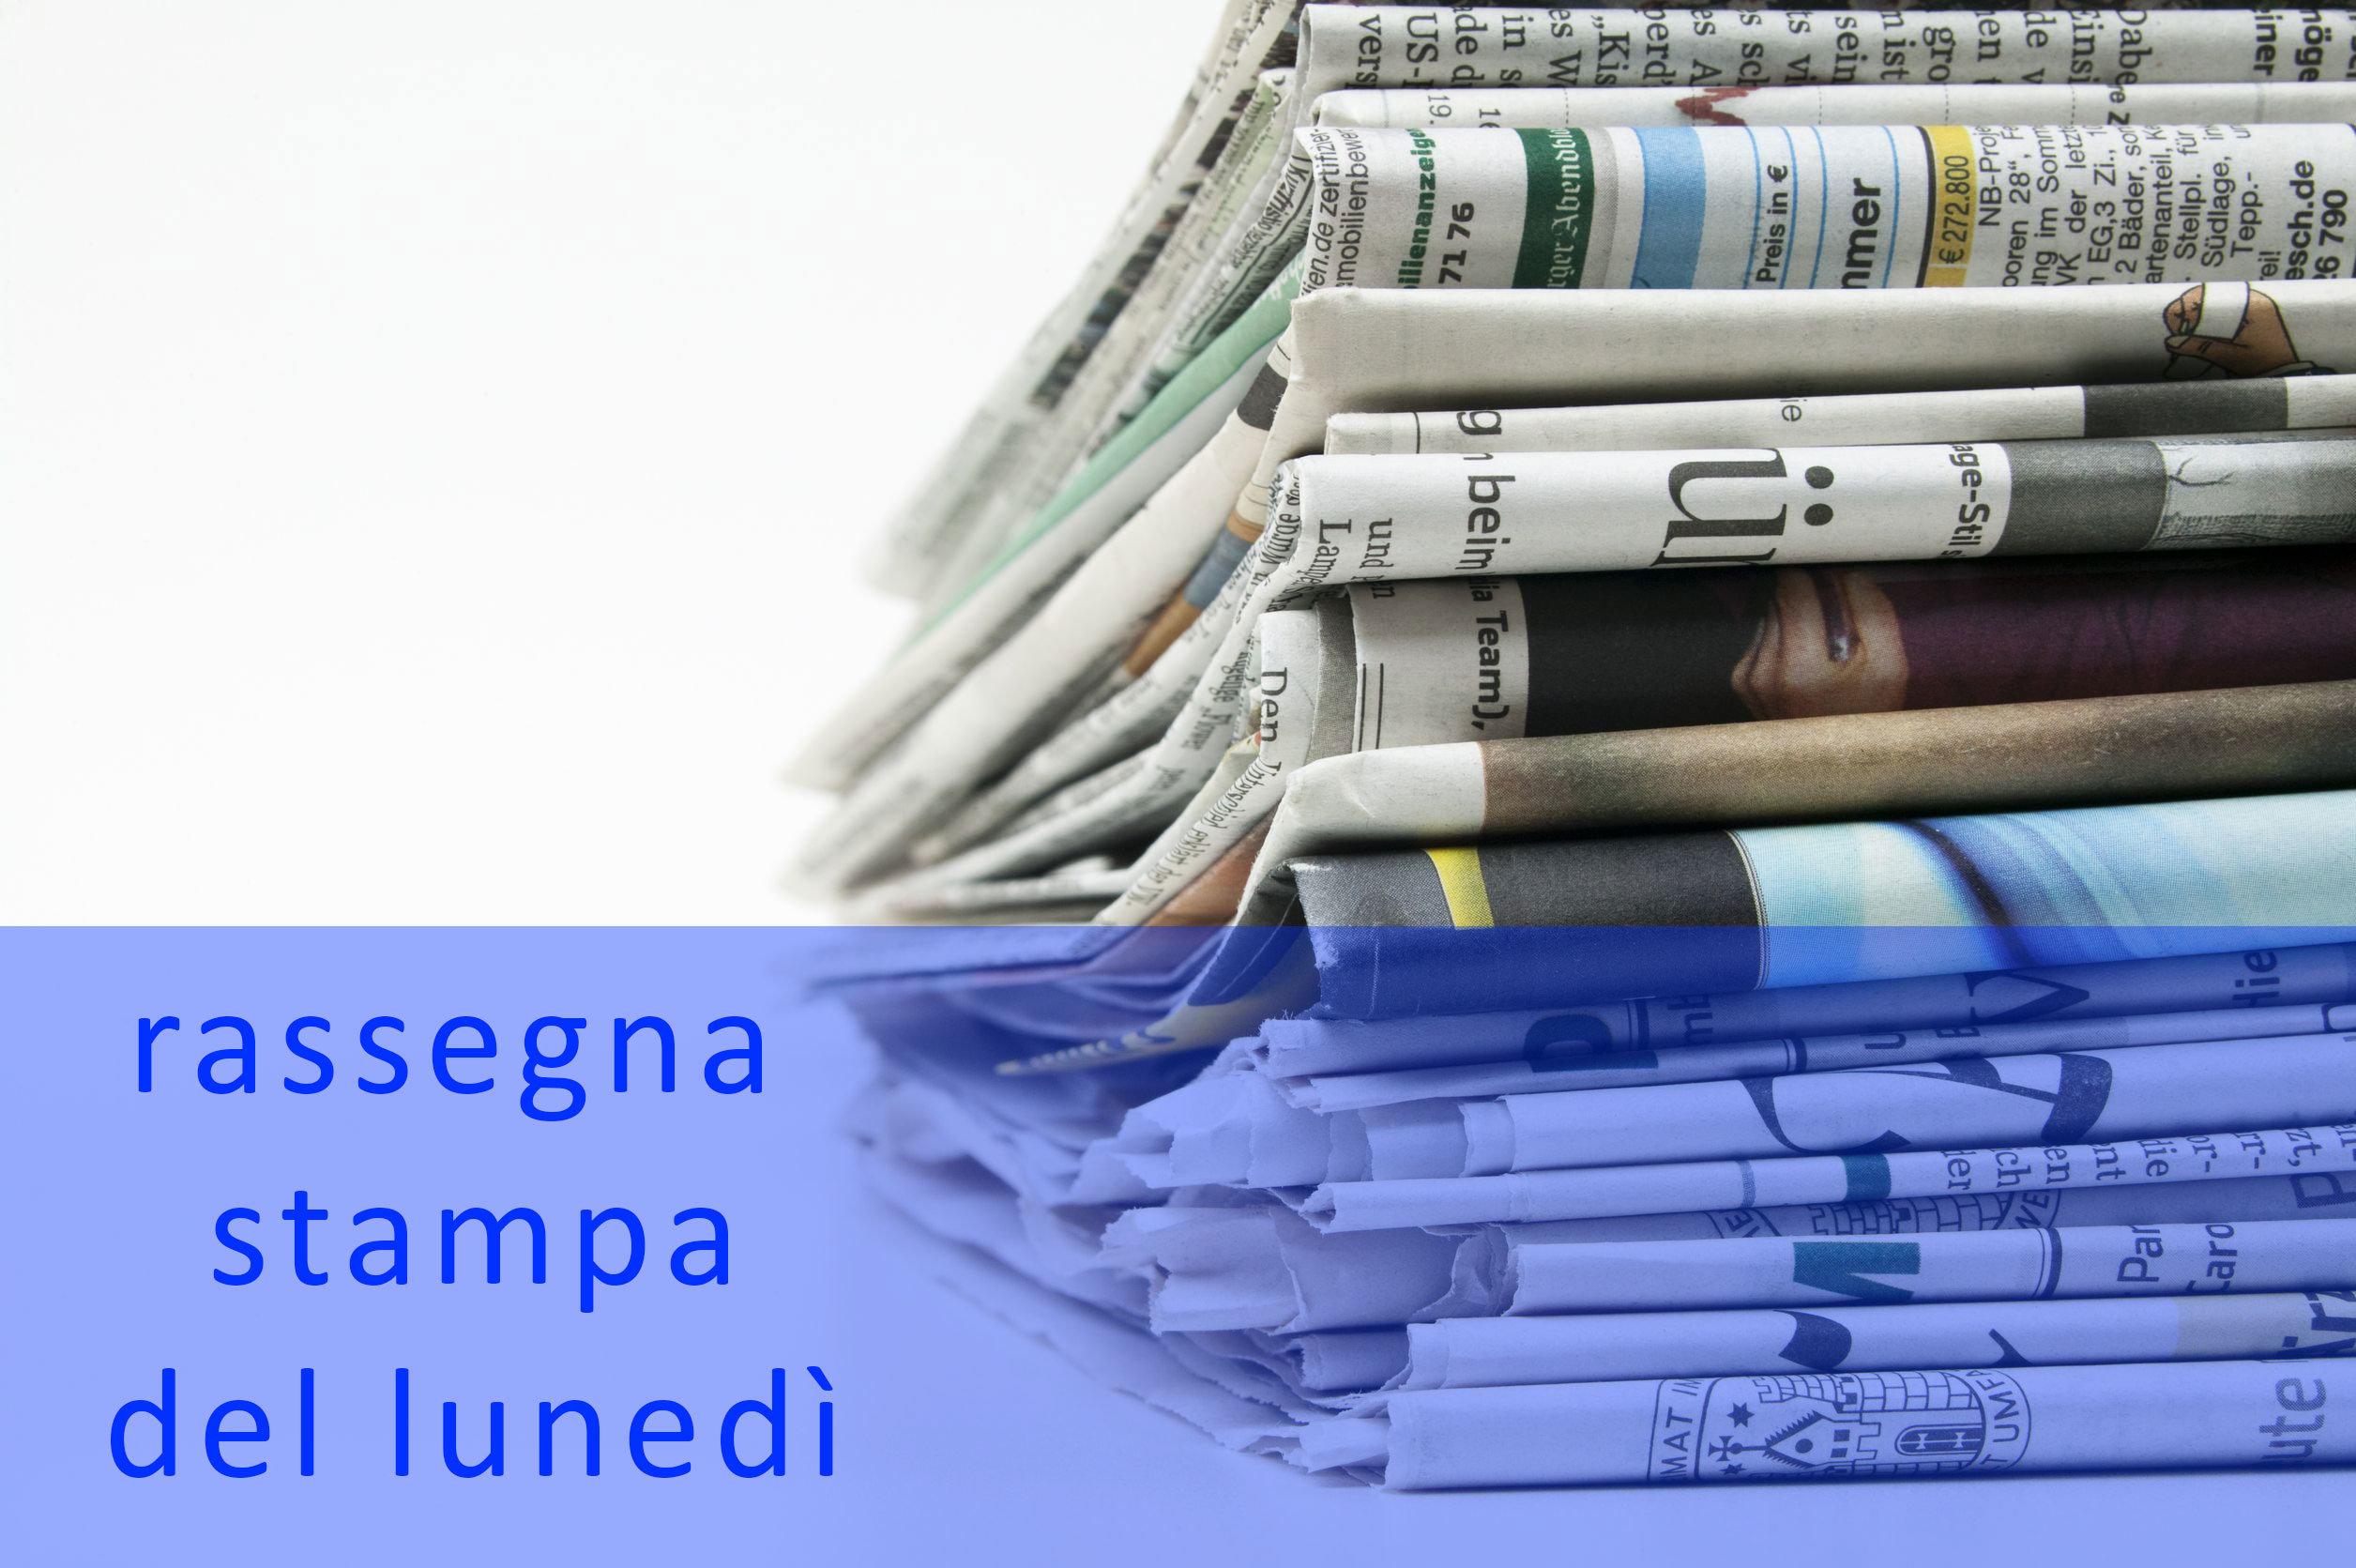 rassegnastampa_lunedi